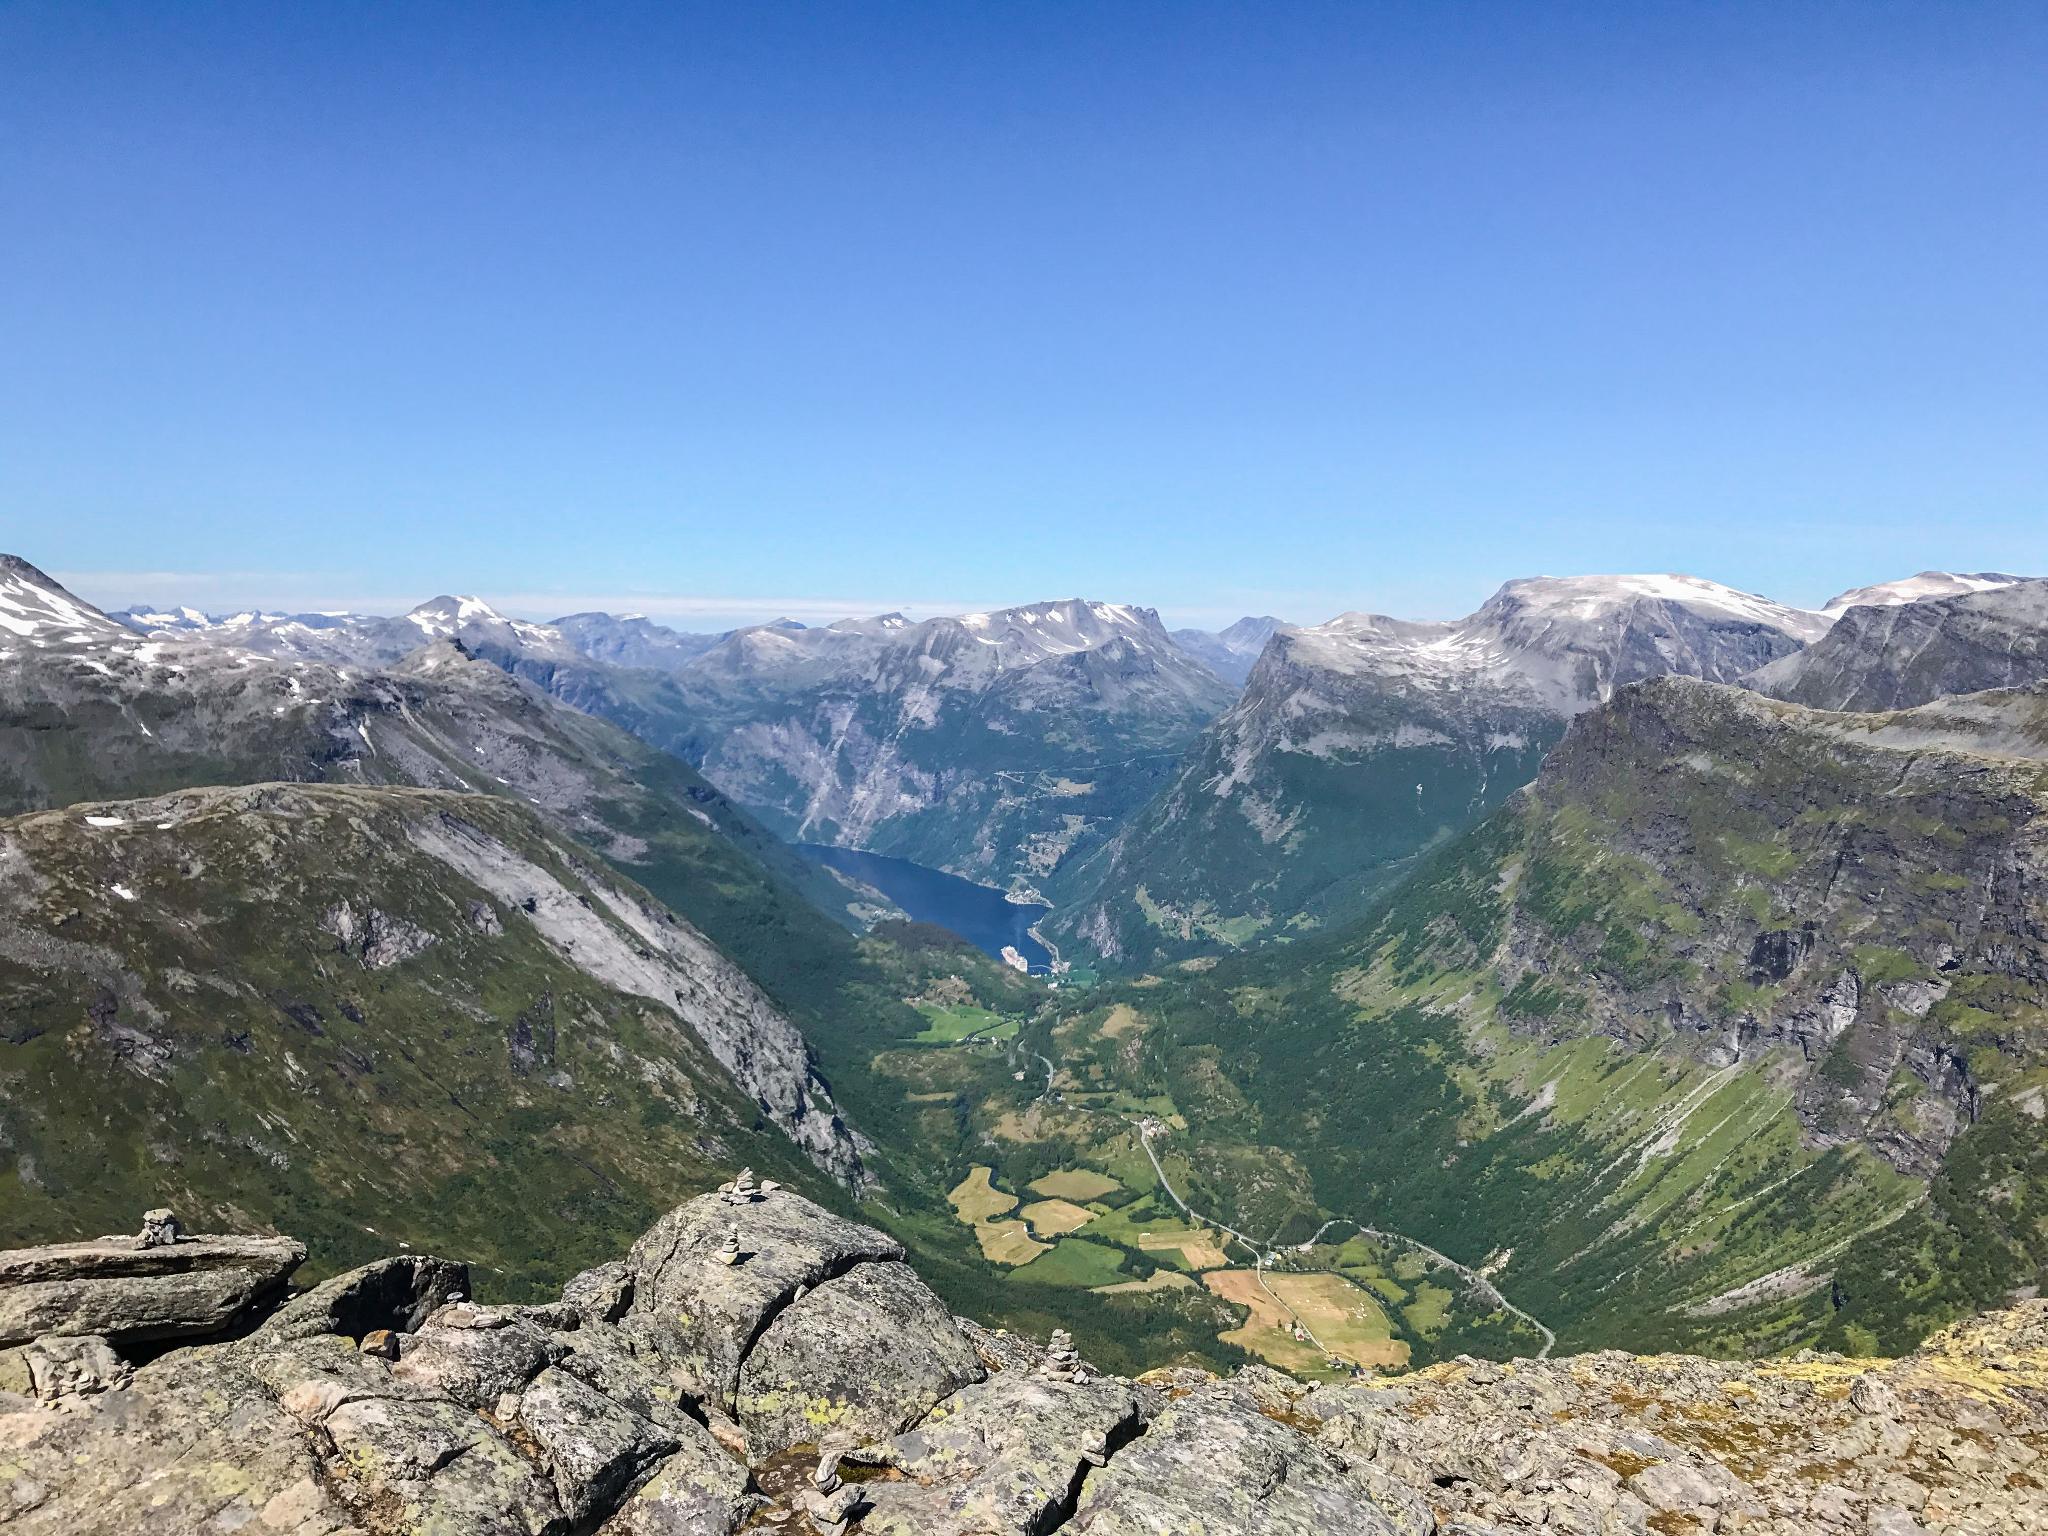 【北歐景點】歐洲最震撼的峽灣觀景台 — Dalsnibba Mountain Plateau 22